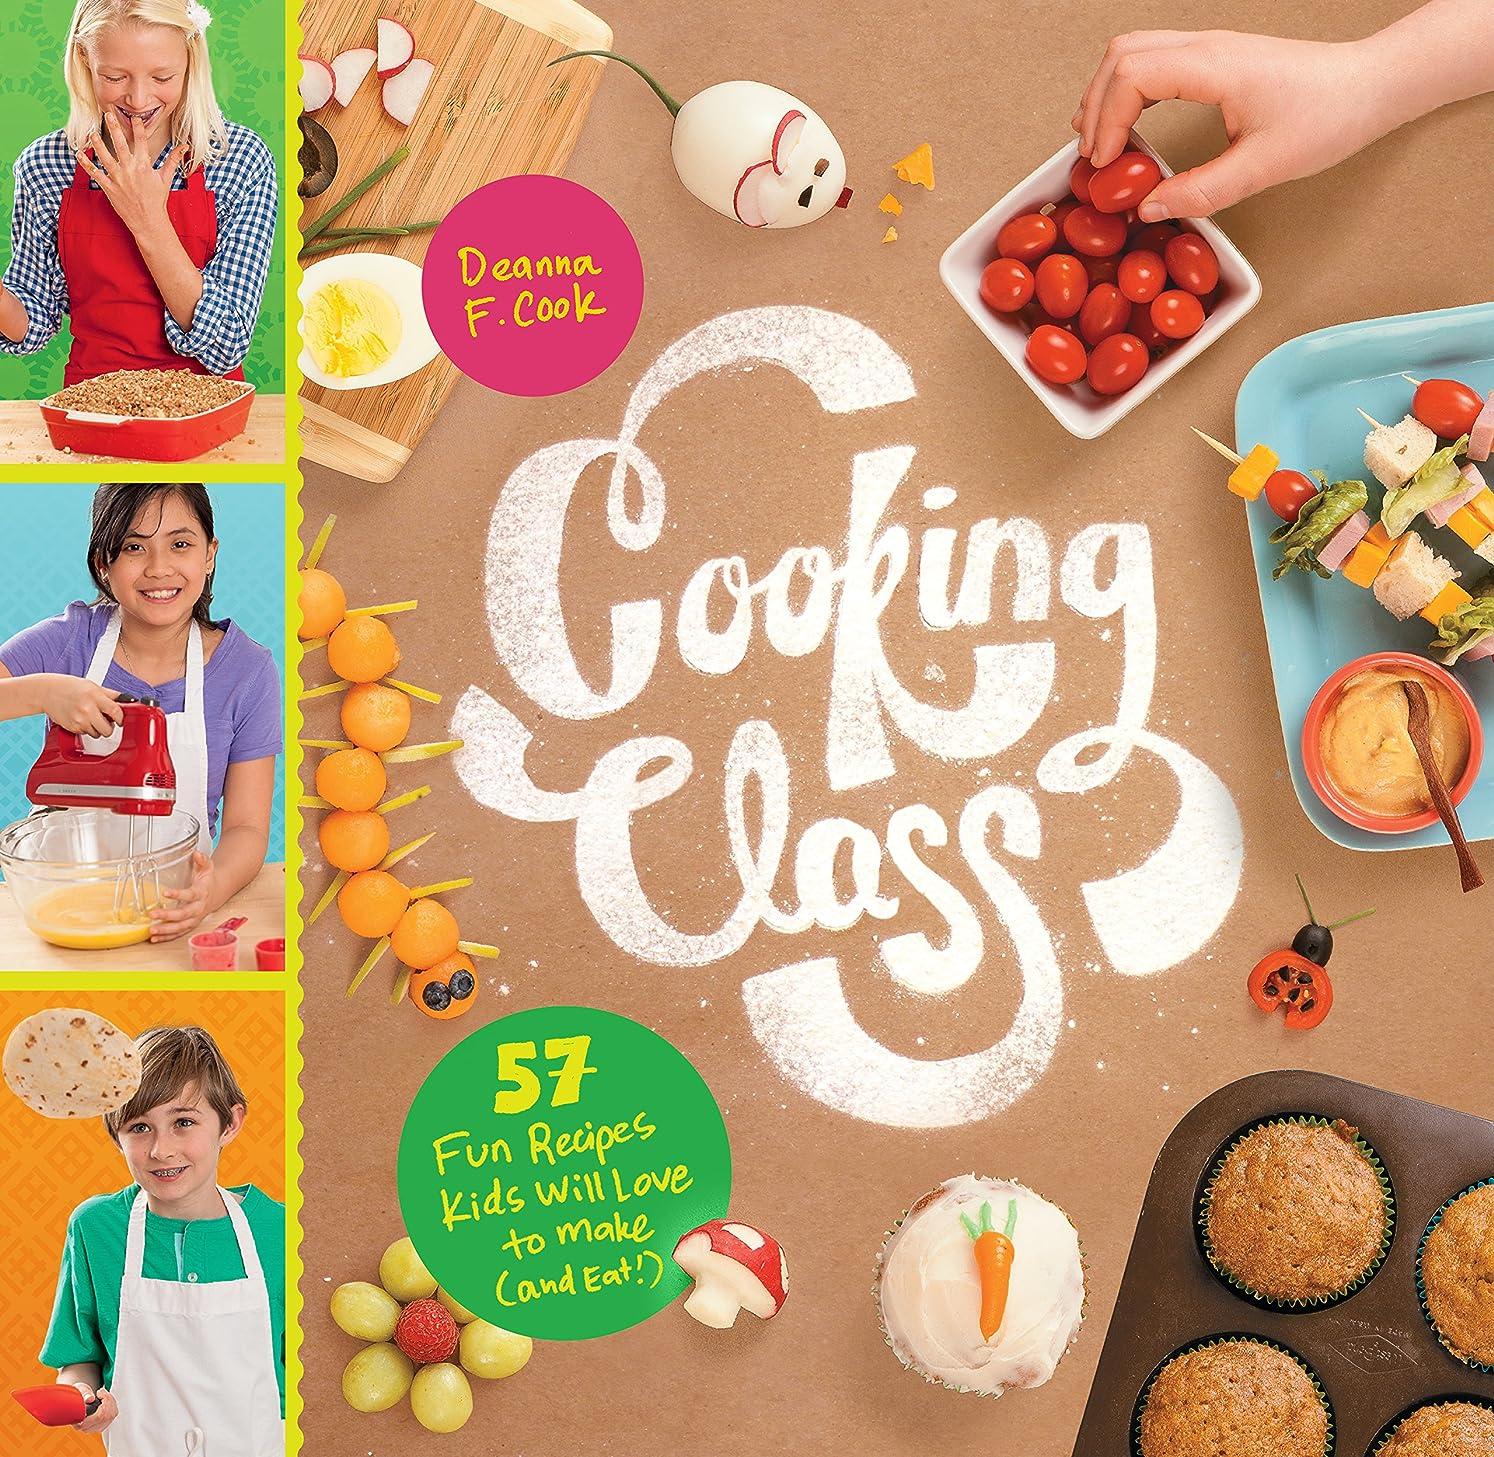 科学者スラム街退却Cooking Class: 57 Fun Recipes Kids Will Love to Make (and Eat!) (English Edition)